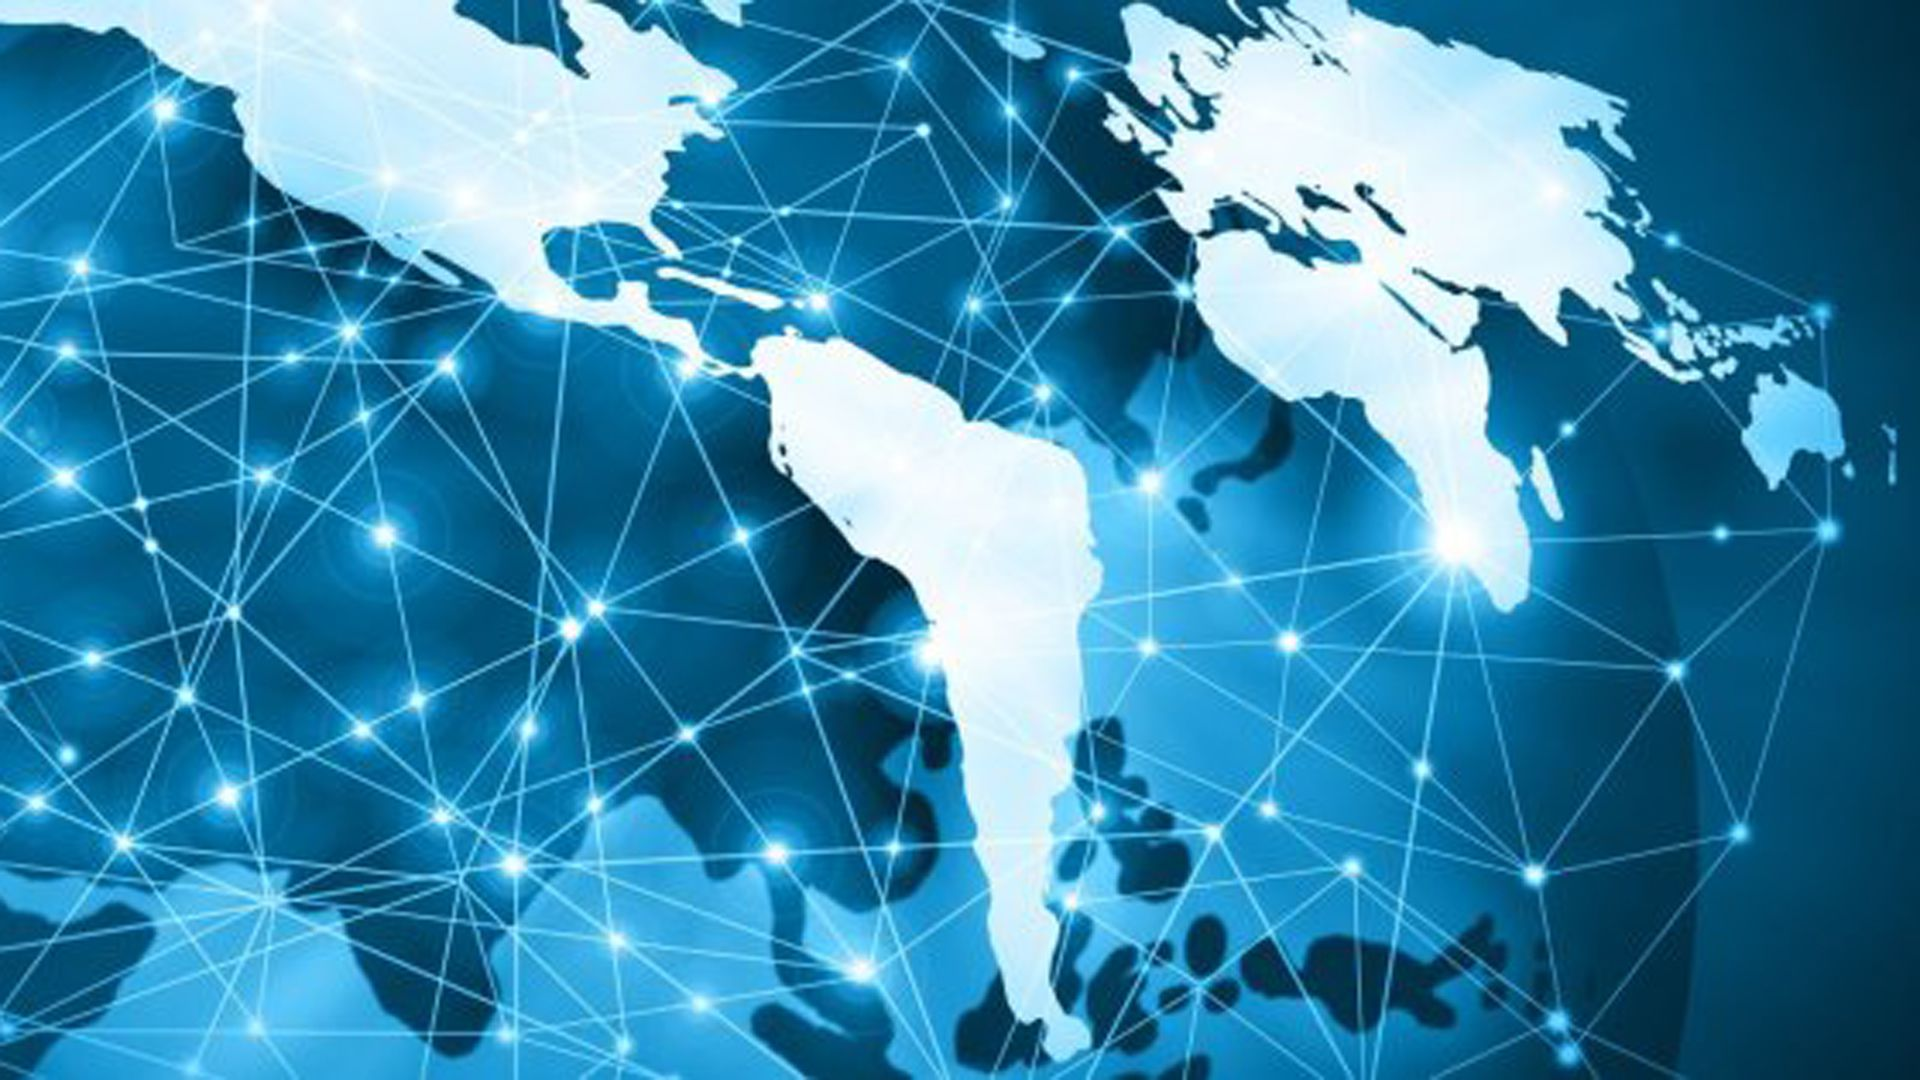 Hay más de 1.000 millones de personas conectadas en internet en todo el mundo